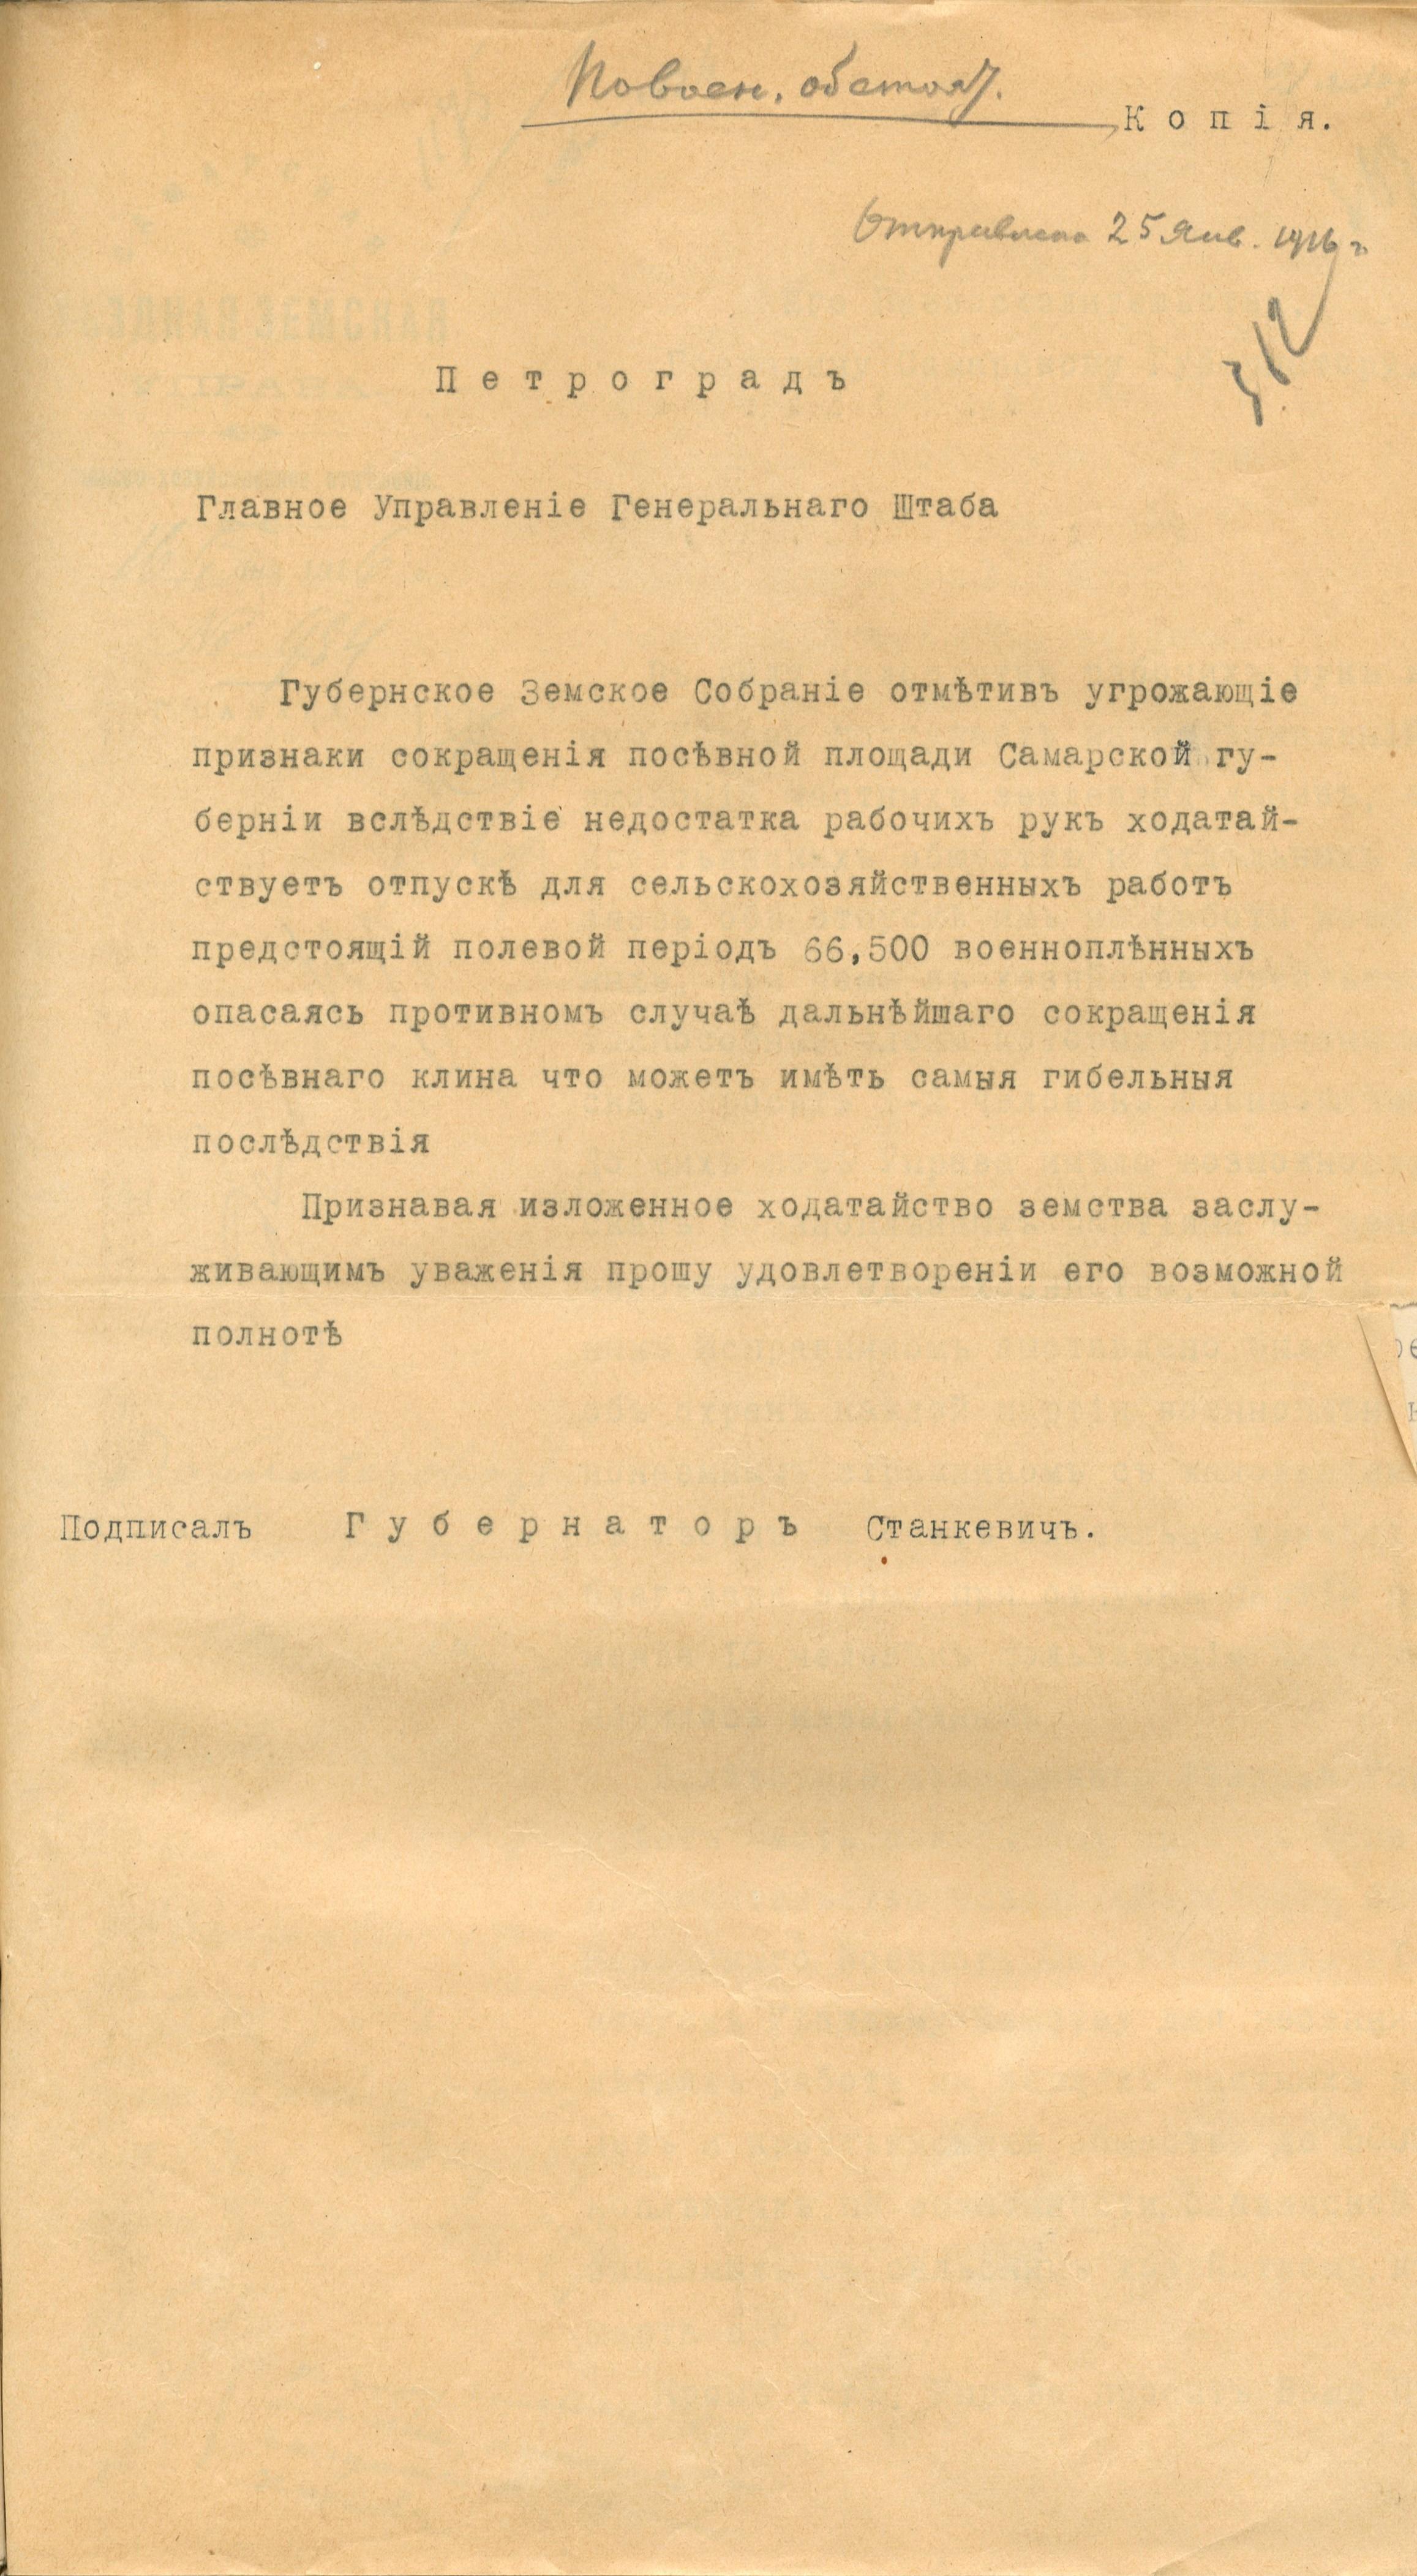 1916. Просьба губернатора А.А. Станкевича в Главное Управление Генерального штаба разрешить использовать военнопленных для сельскохозя